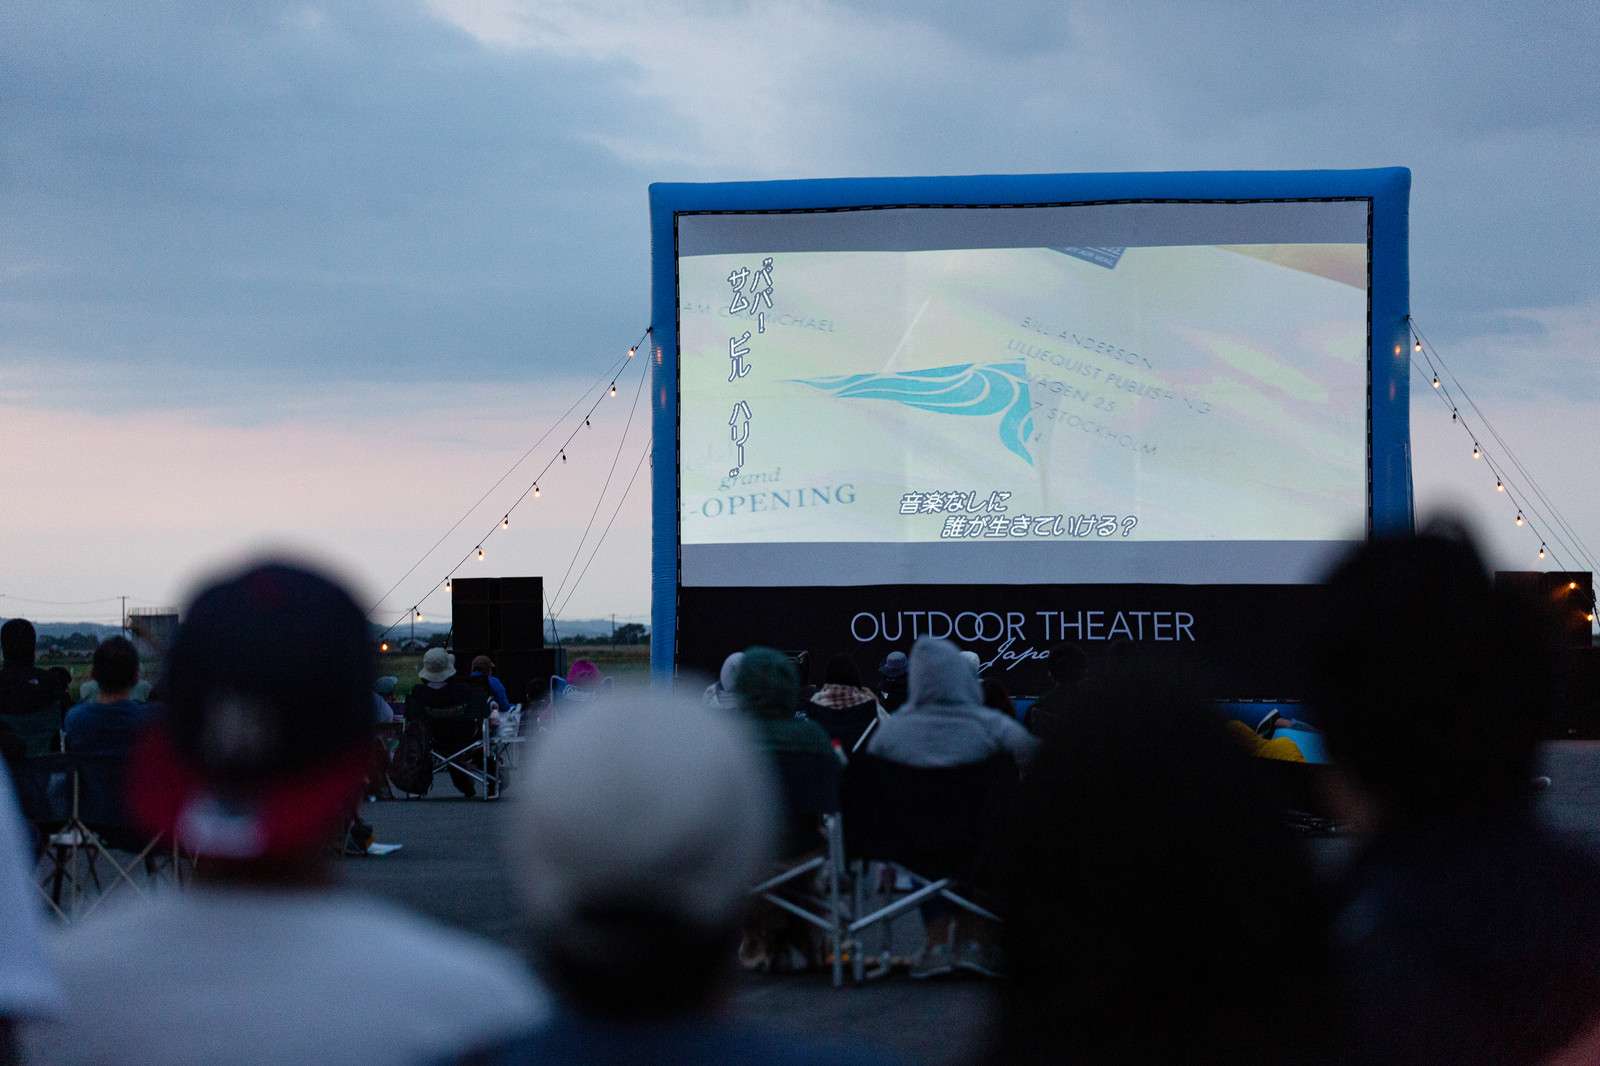 「日が落ちてから上映がはじまる野外シネマ」の写真